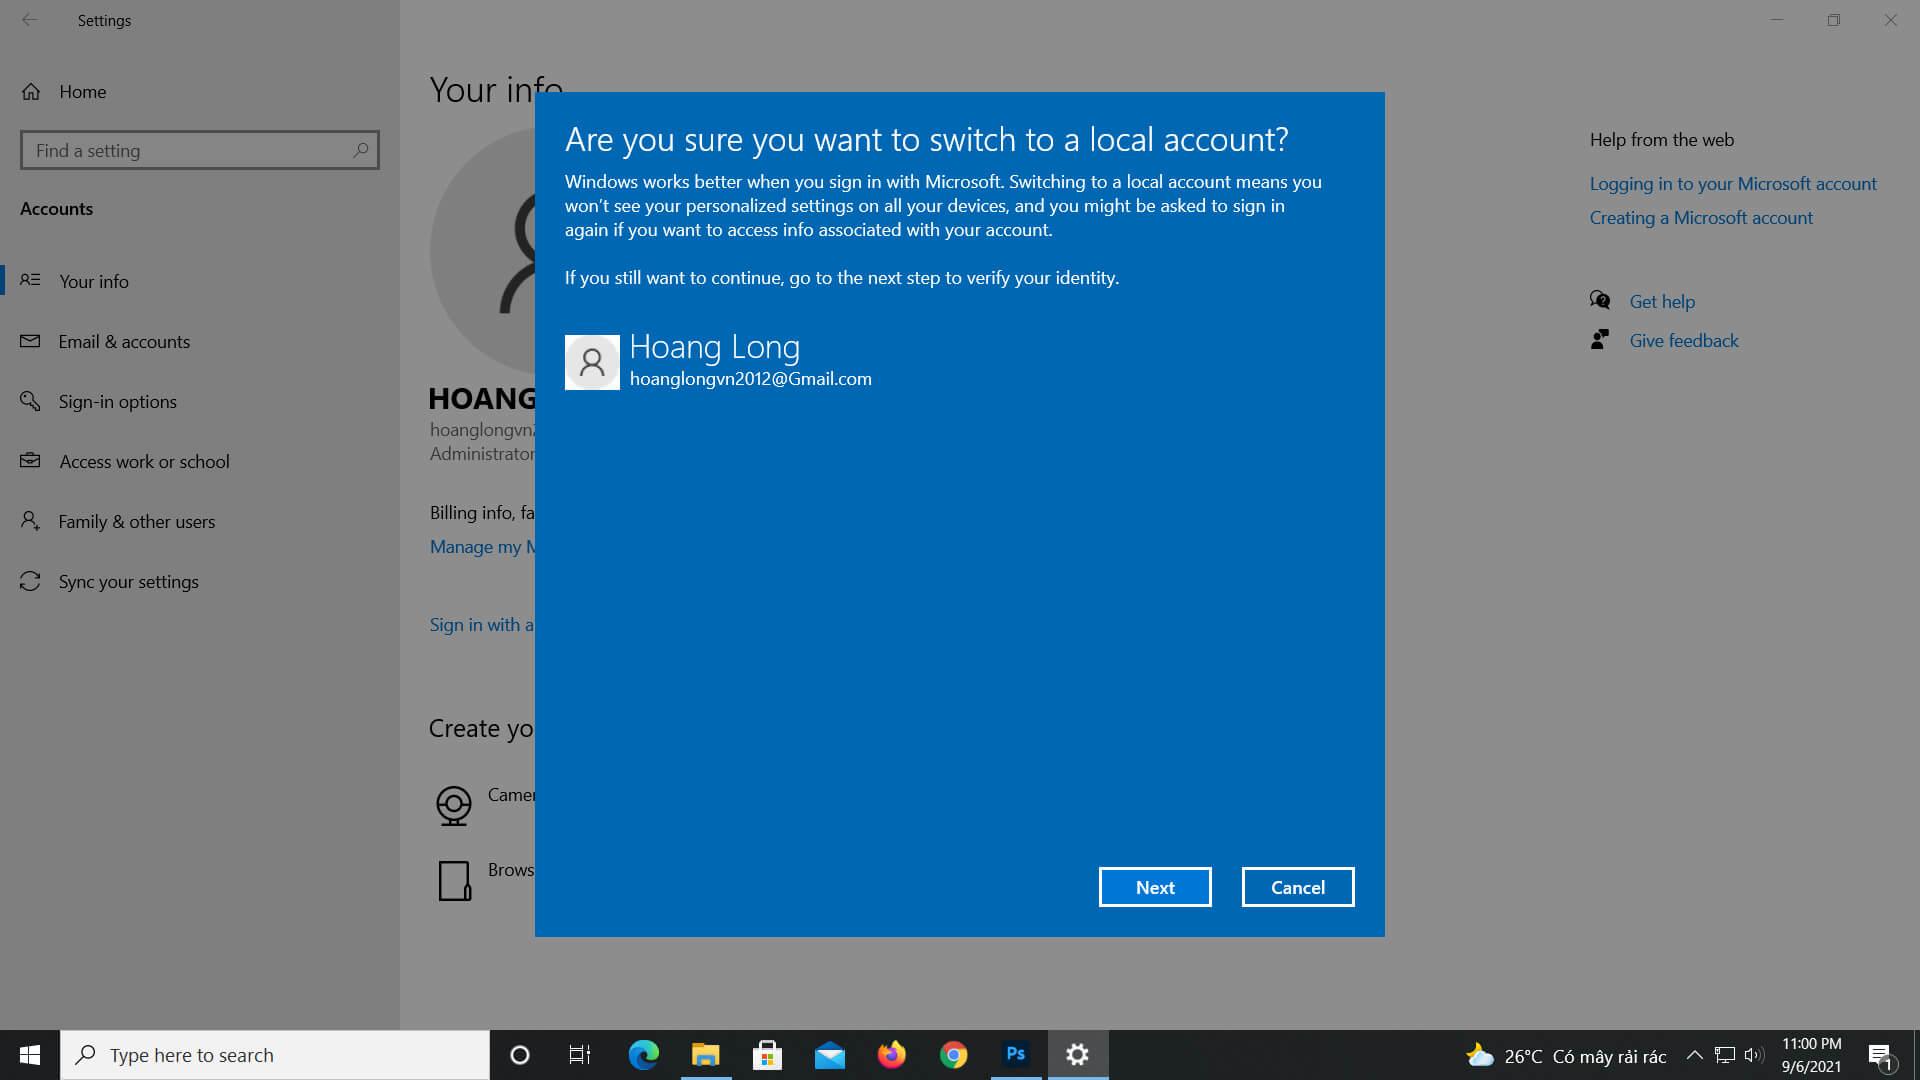 Bỏ mã pin - đổi mã pin khi đăng nhập Win 10